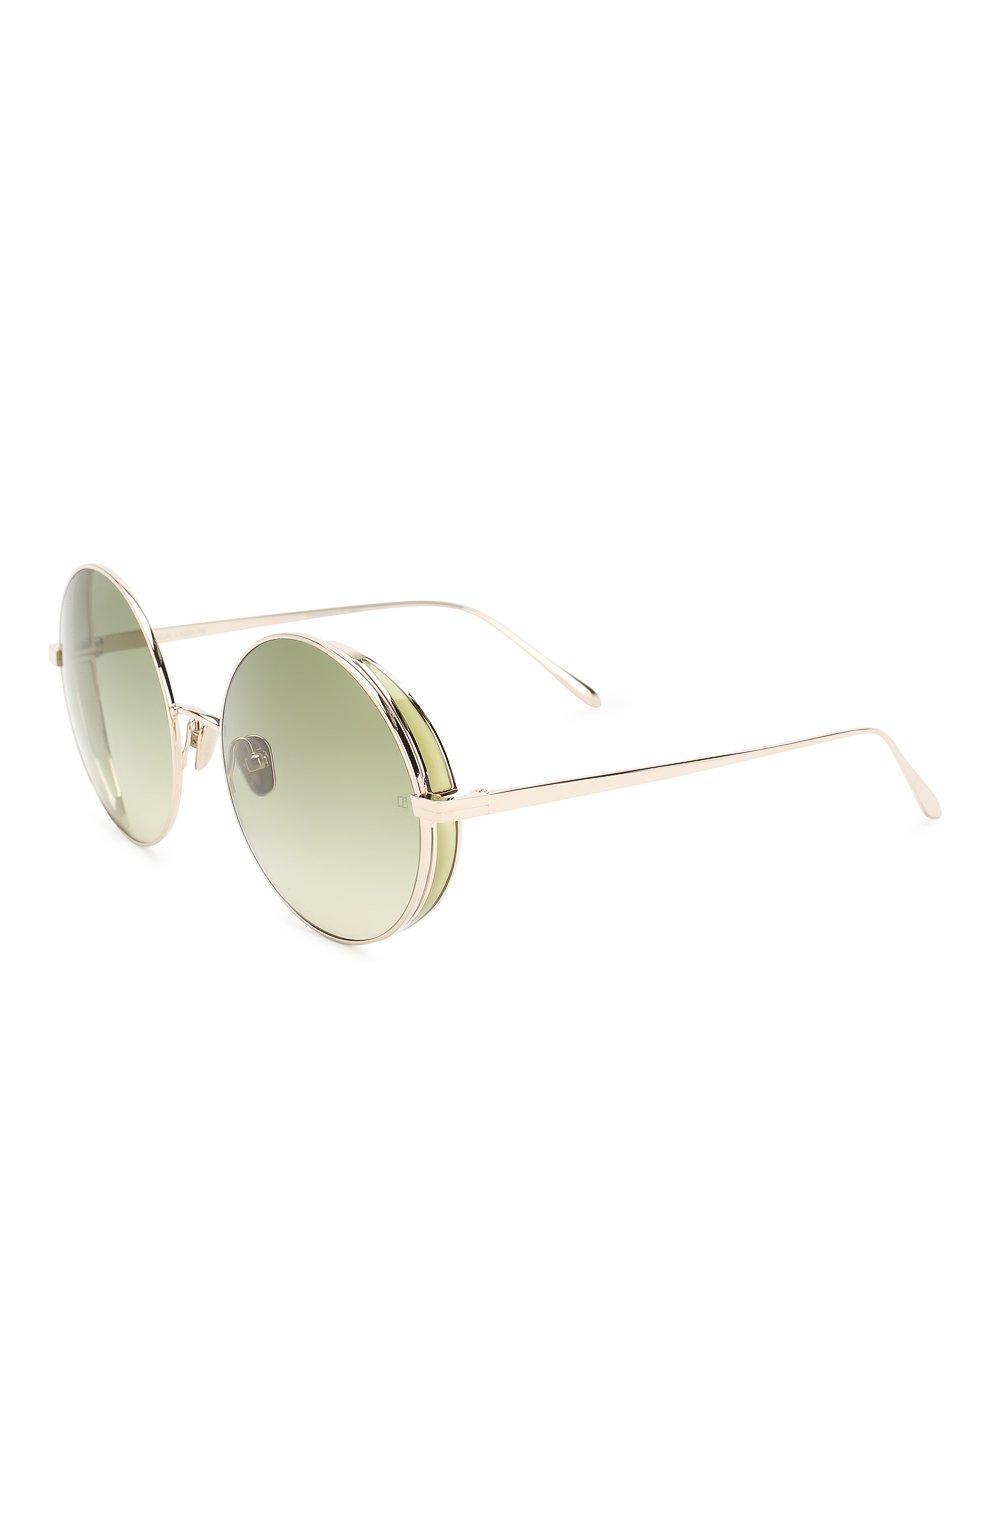 Женские солнцезащитные очки LINDA FARROW светло-зеленого цвета, арт. LFL758C9 SUN   Фото 1